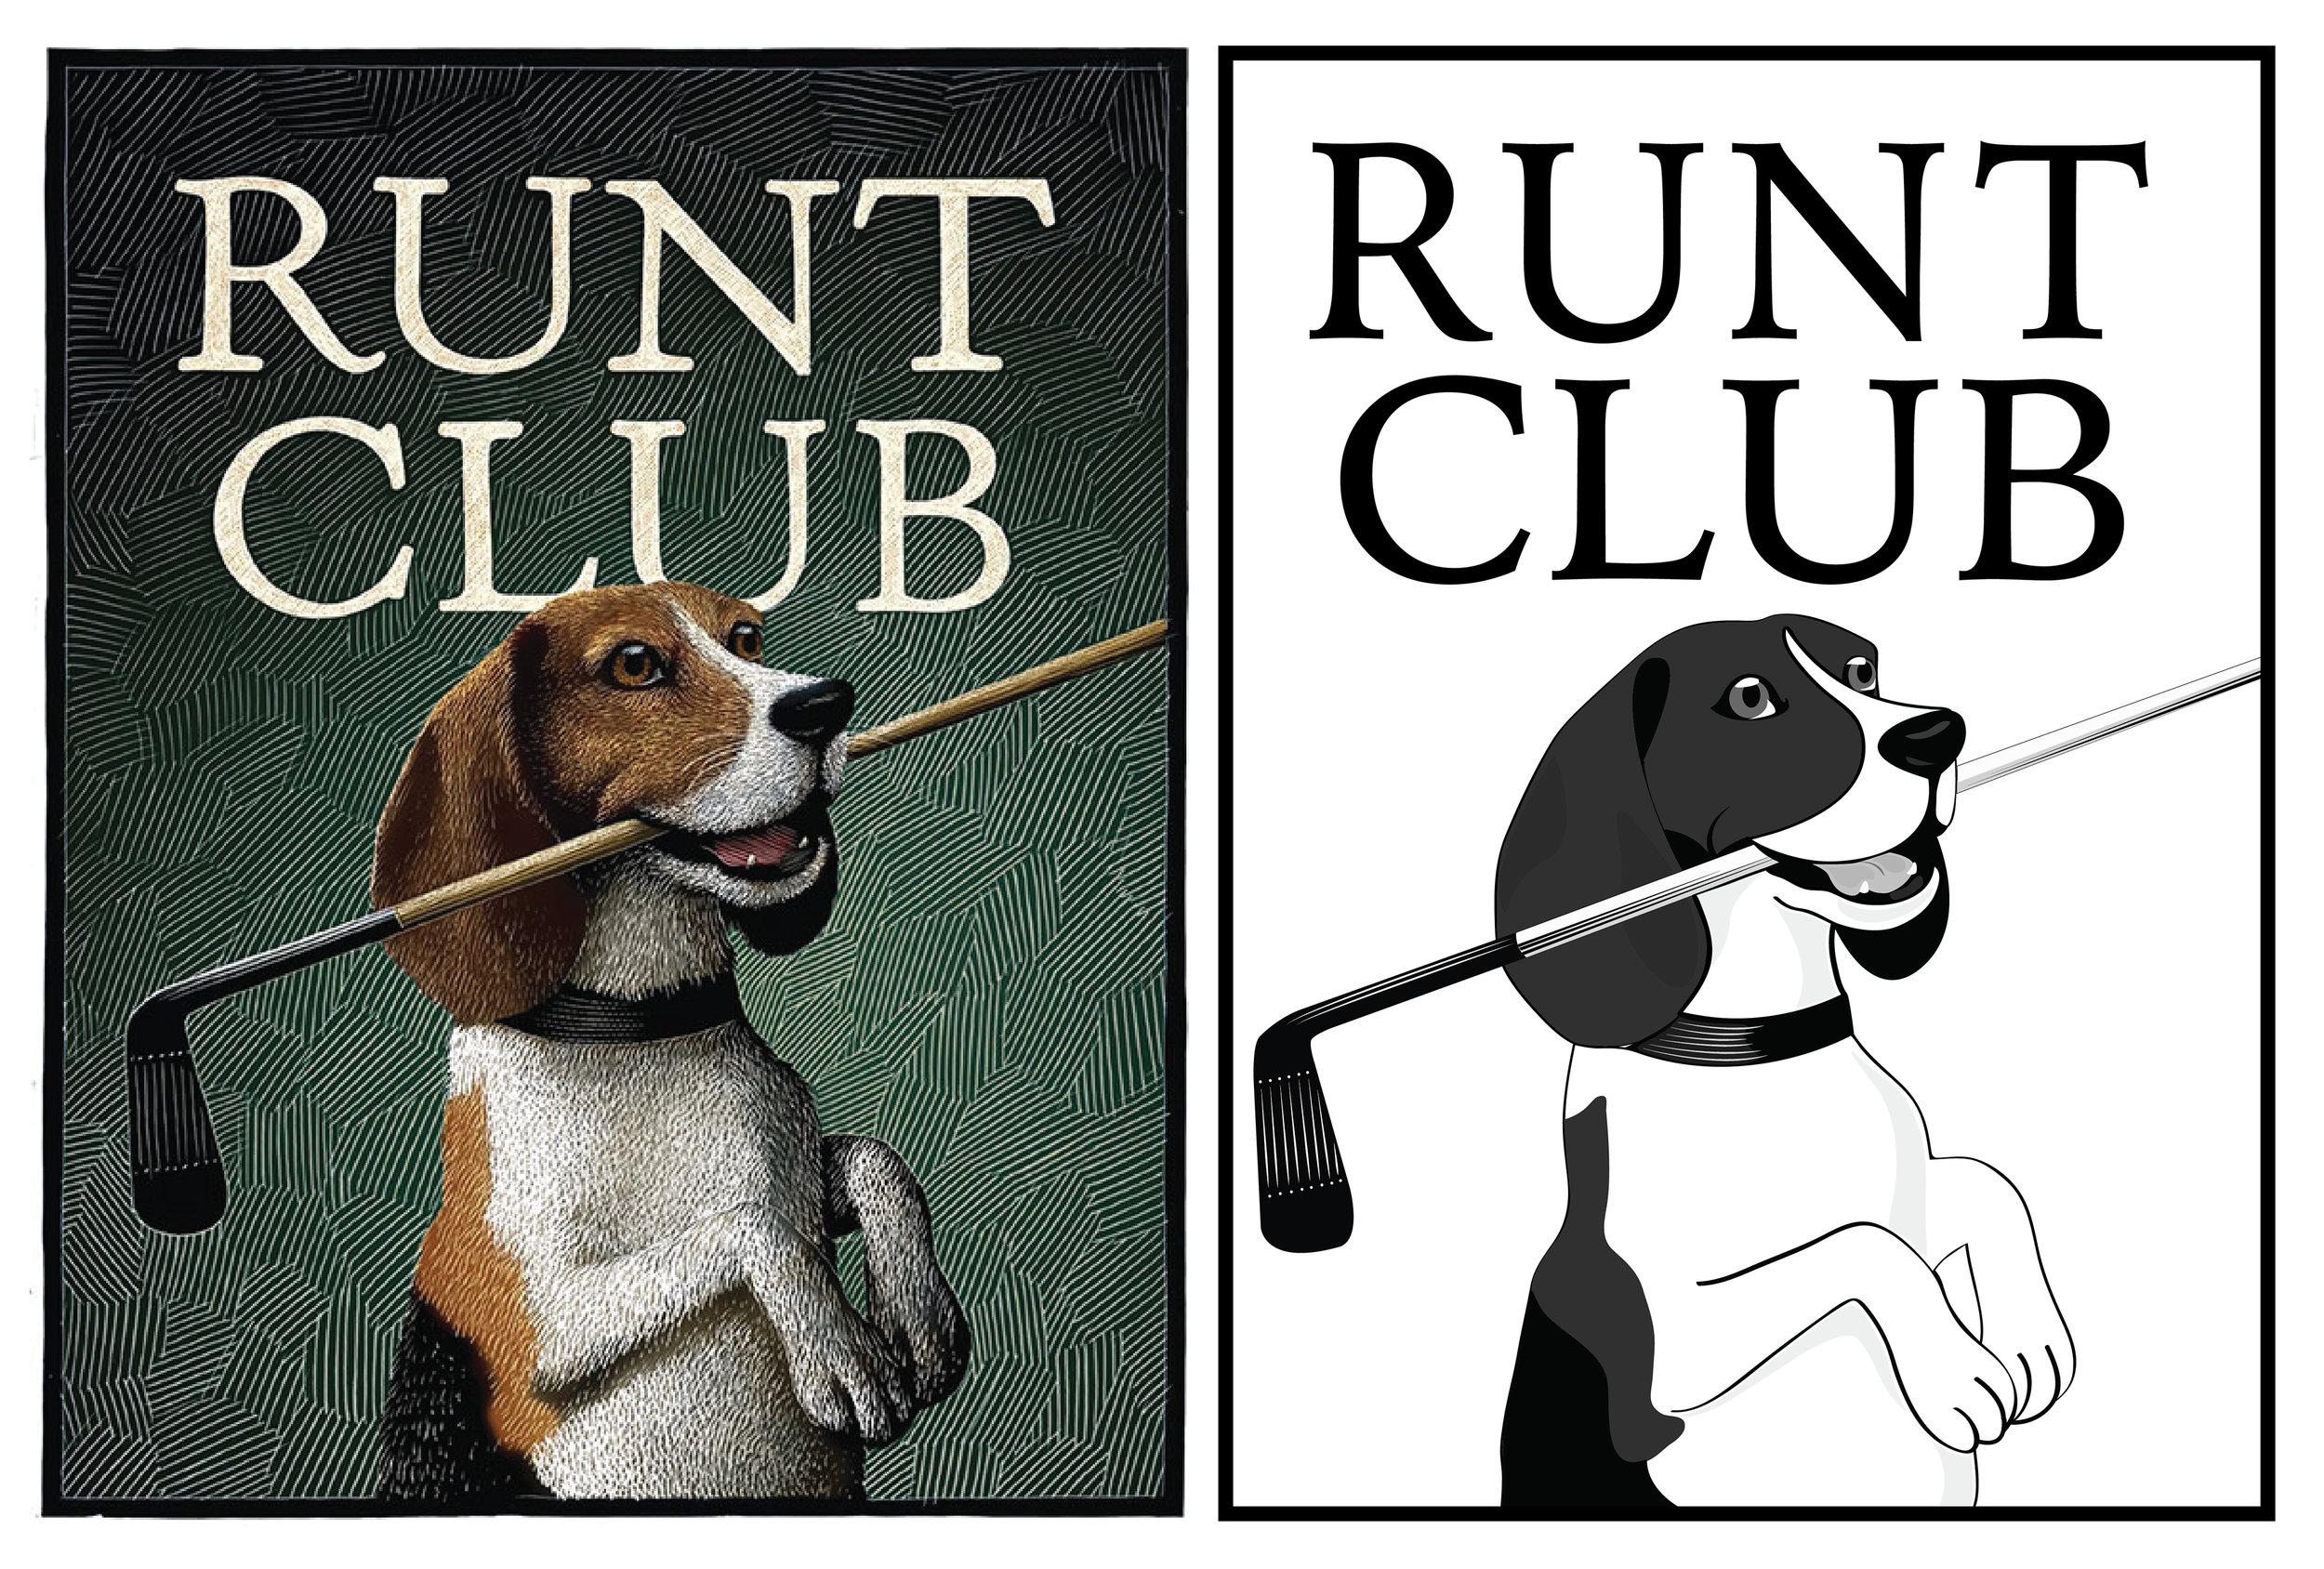 Runt Club 1.jpg